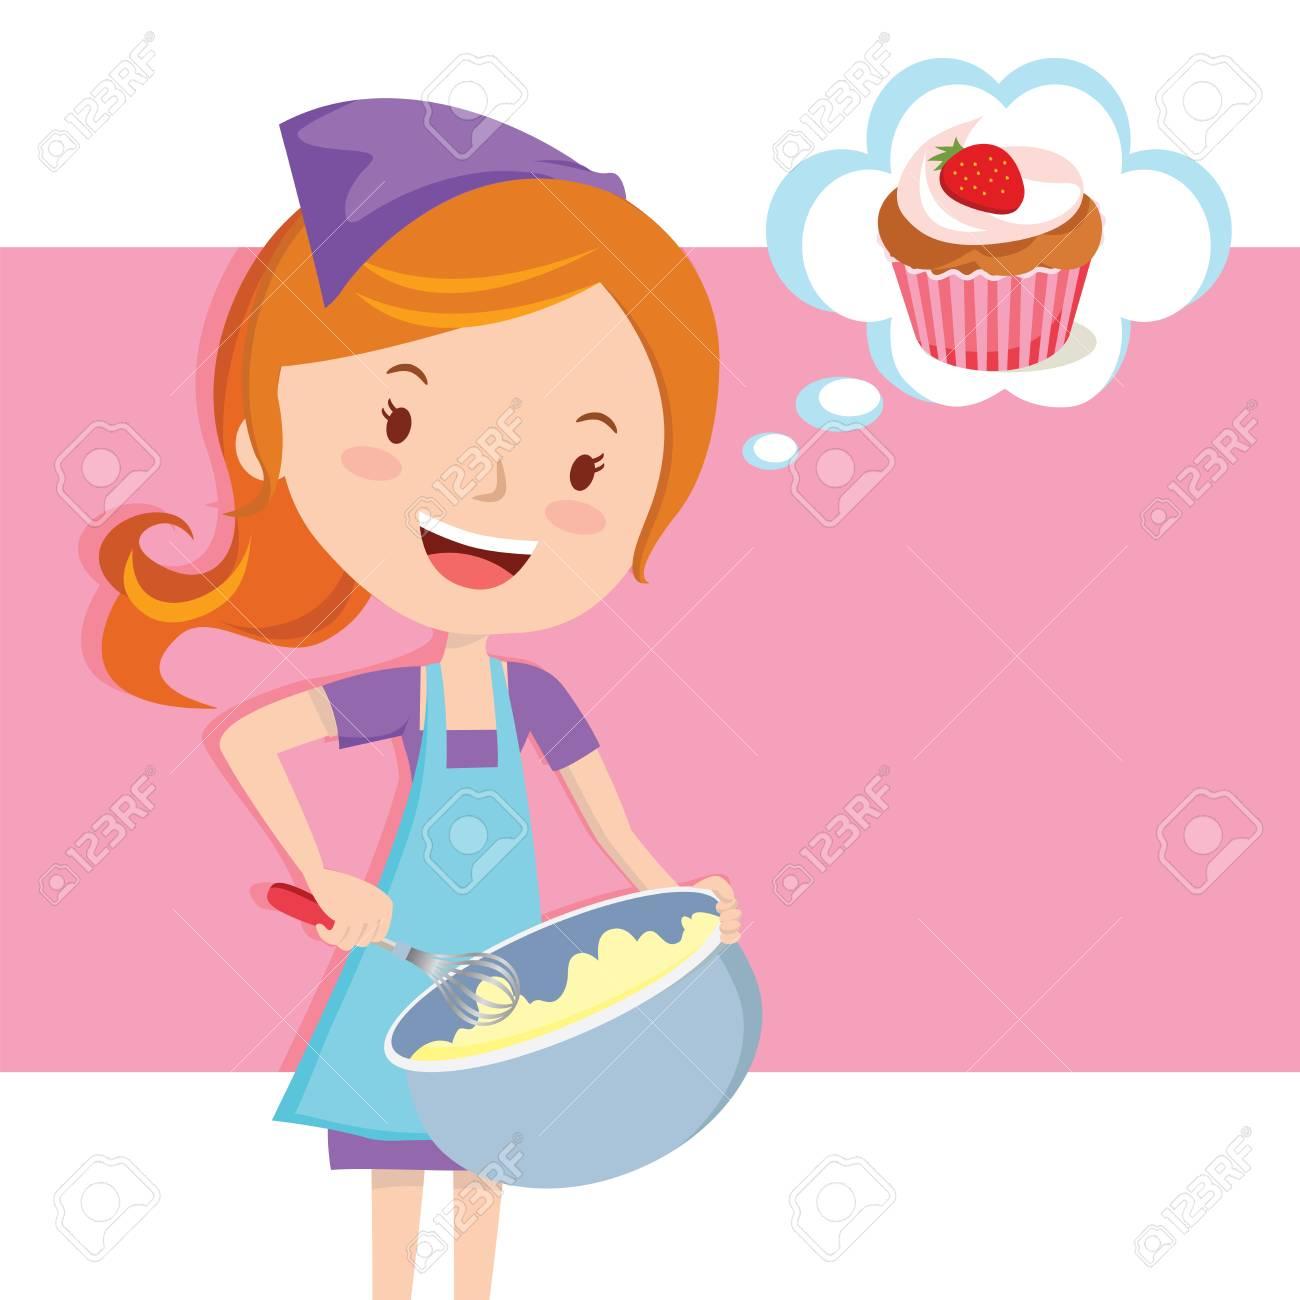 Girl baking cupcake.